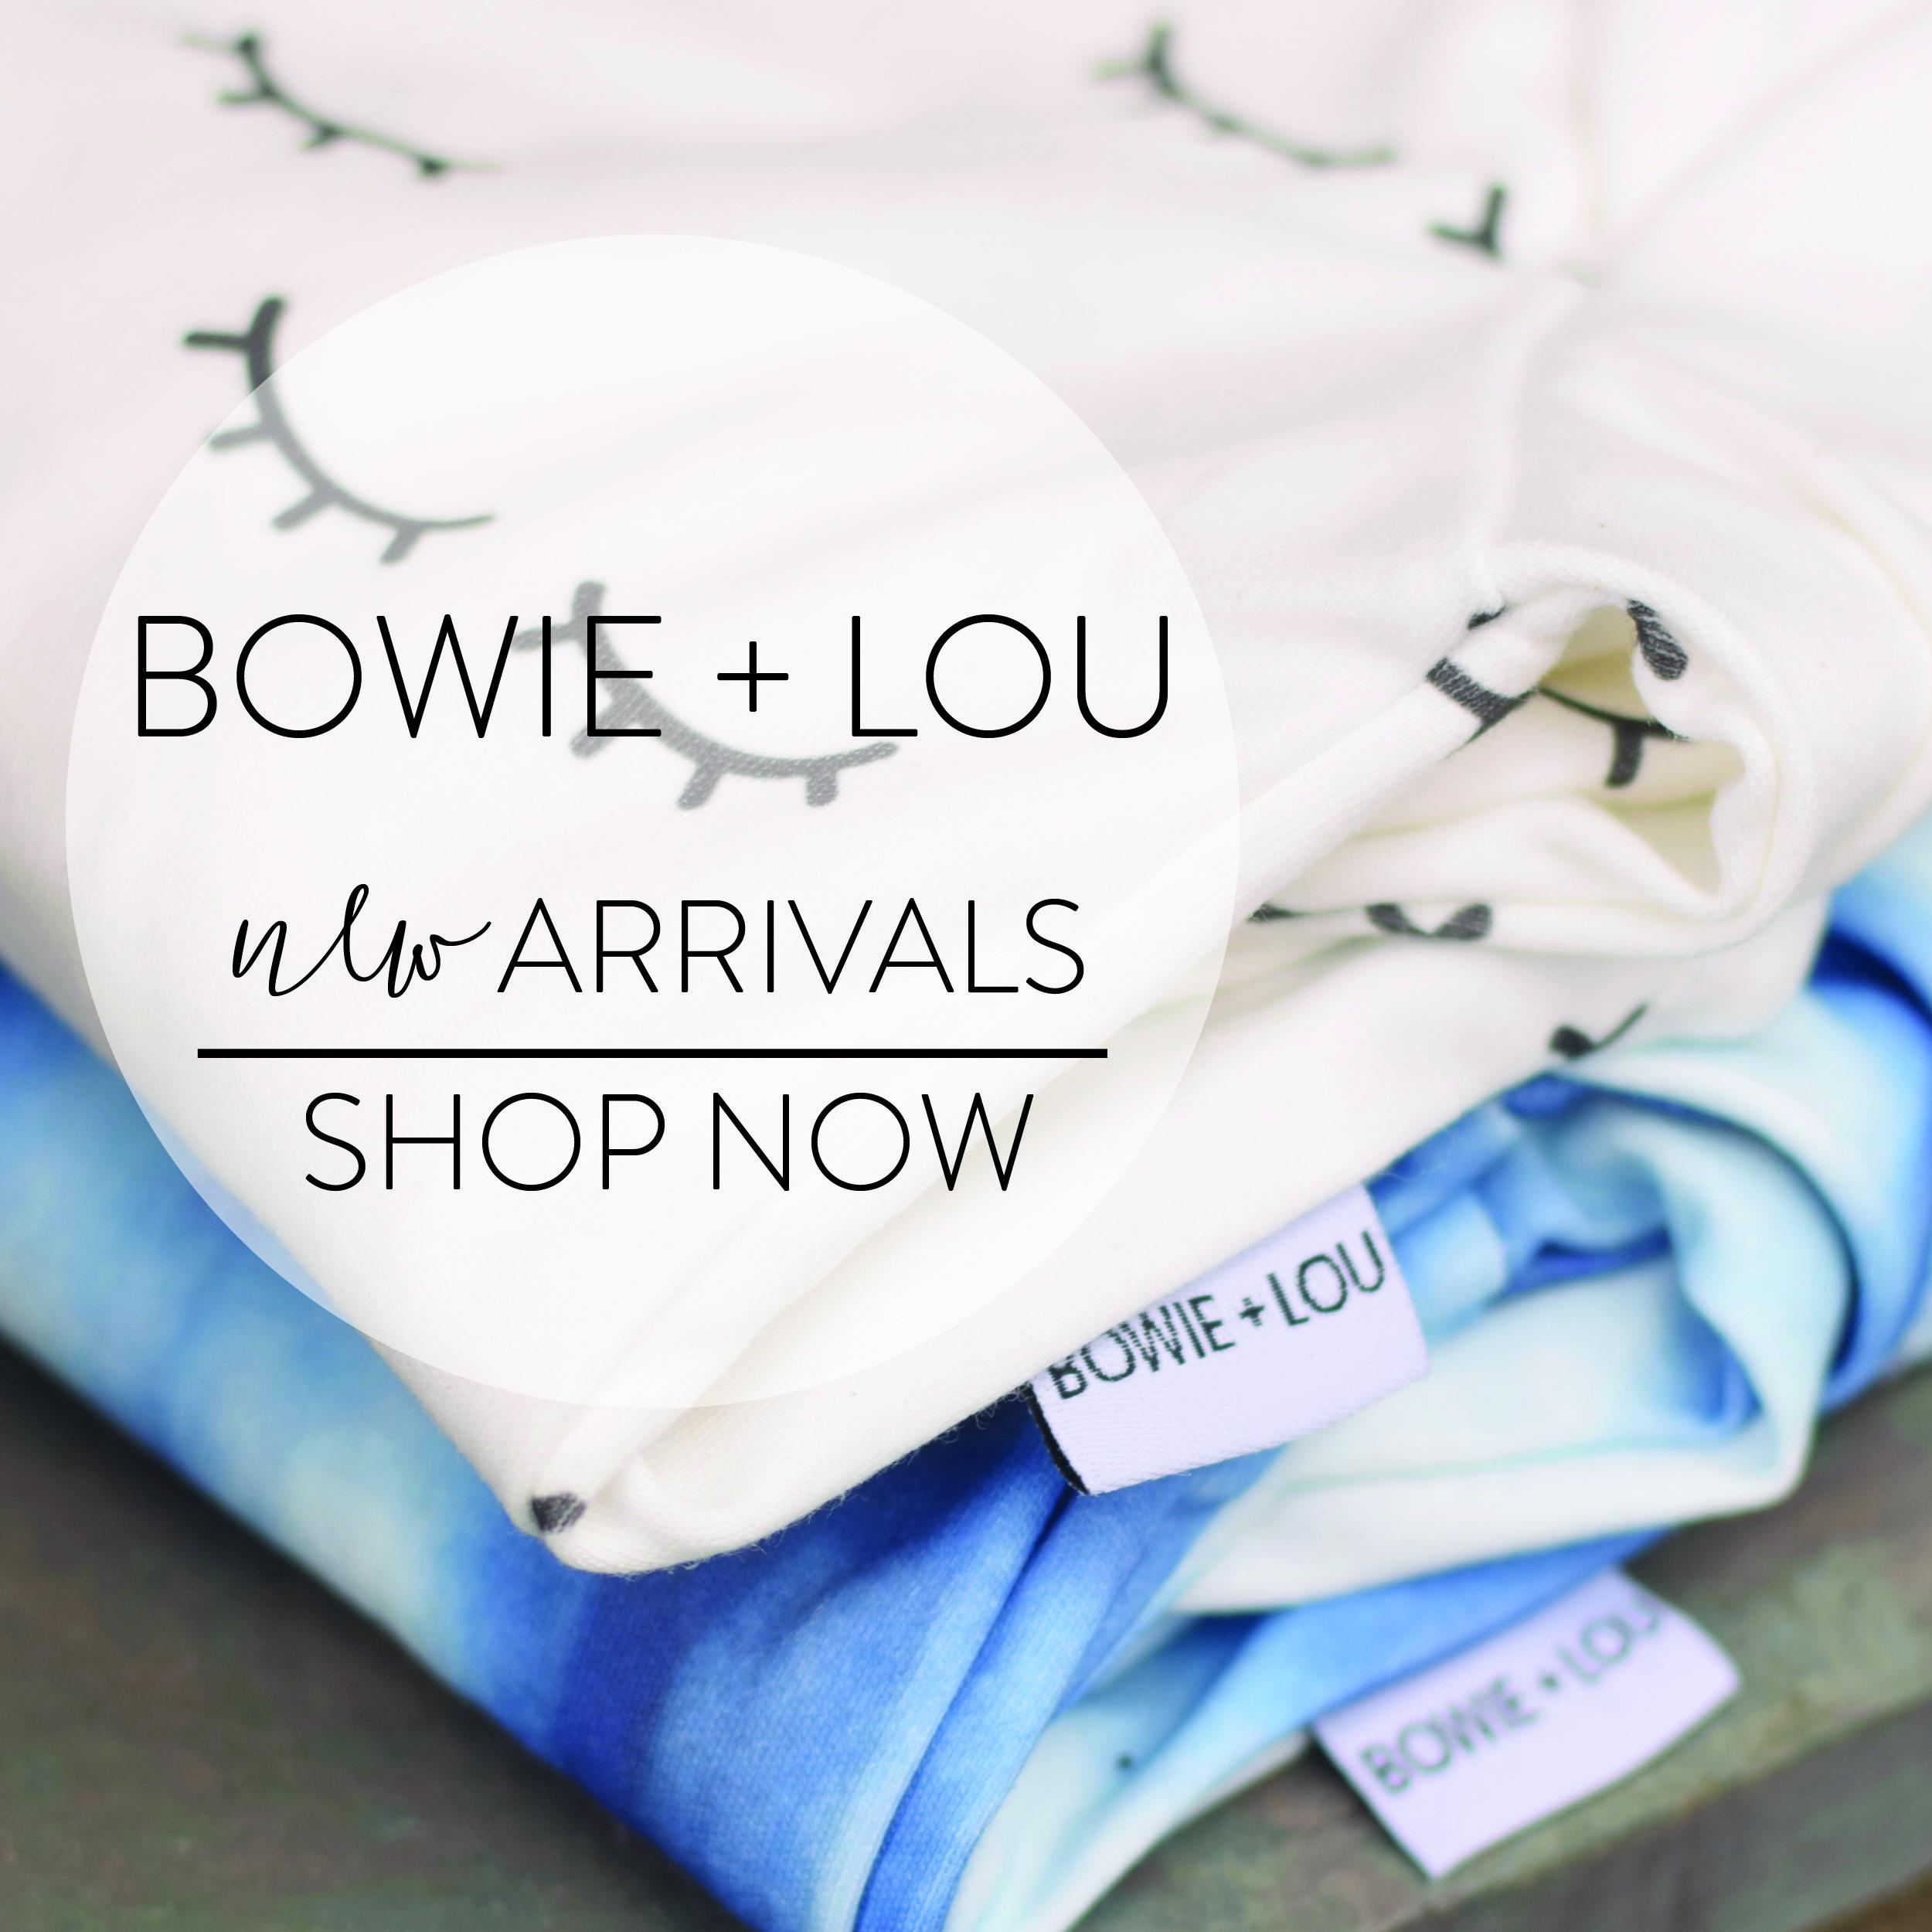 Bowie + Lou